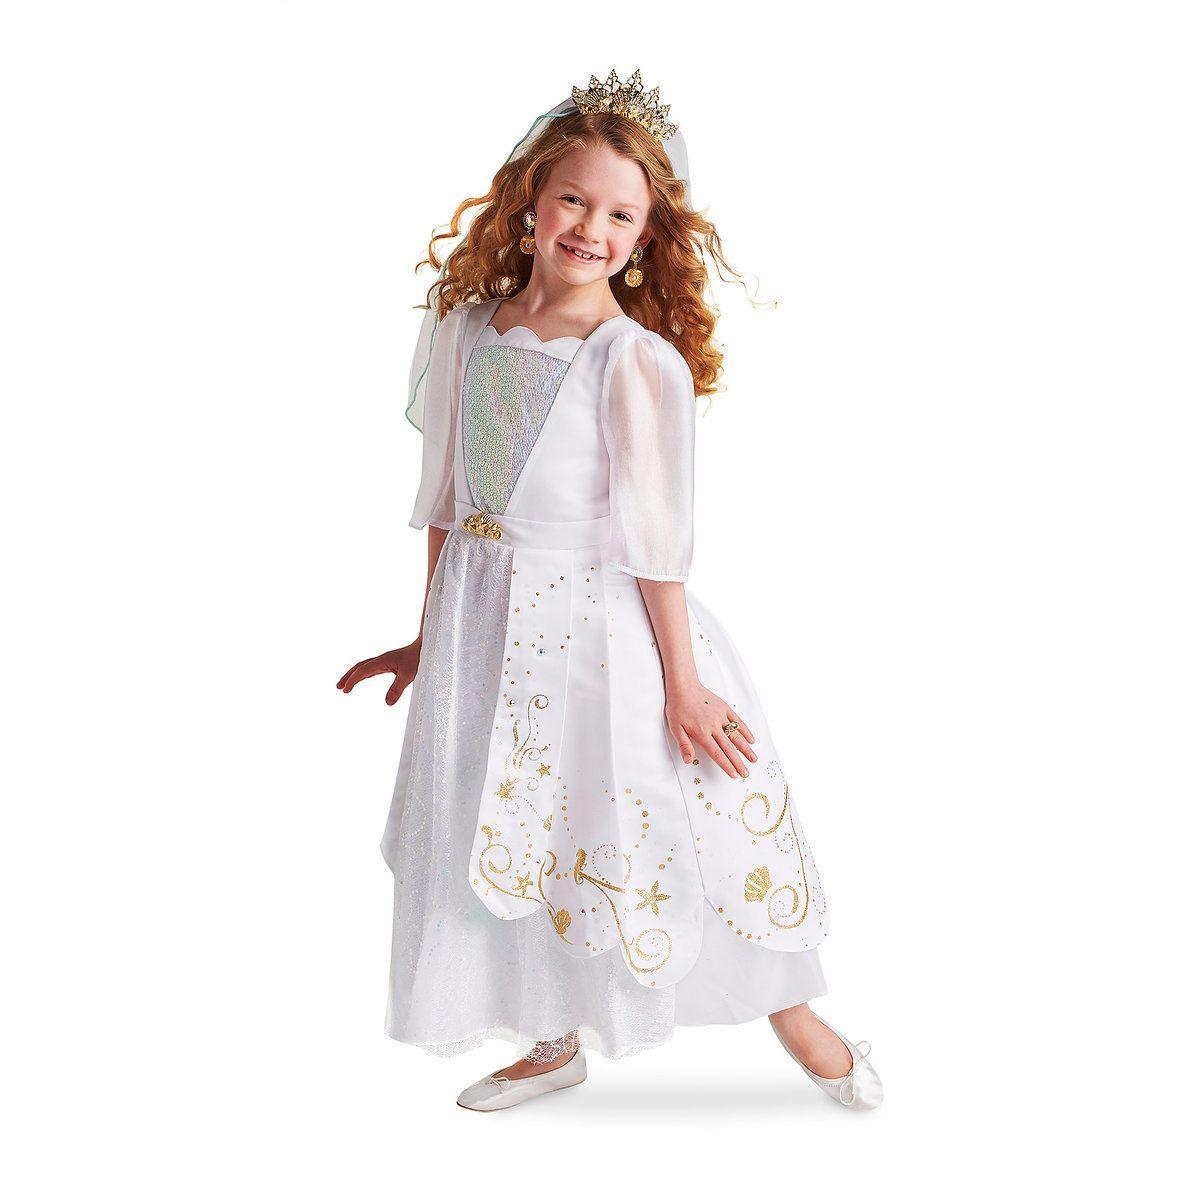 Ariel designer wedding gown costume for kids wedding